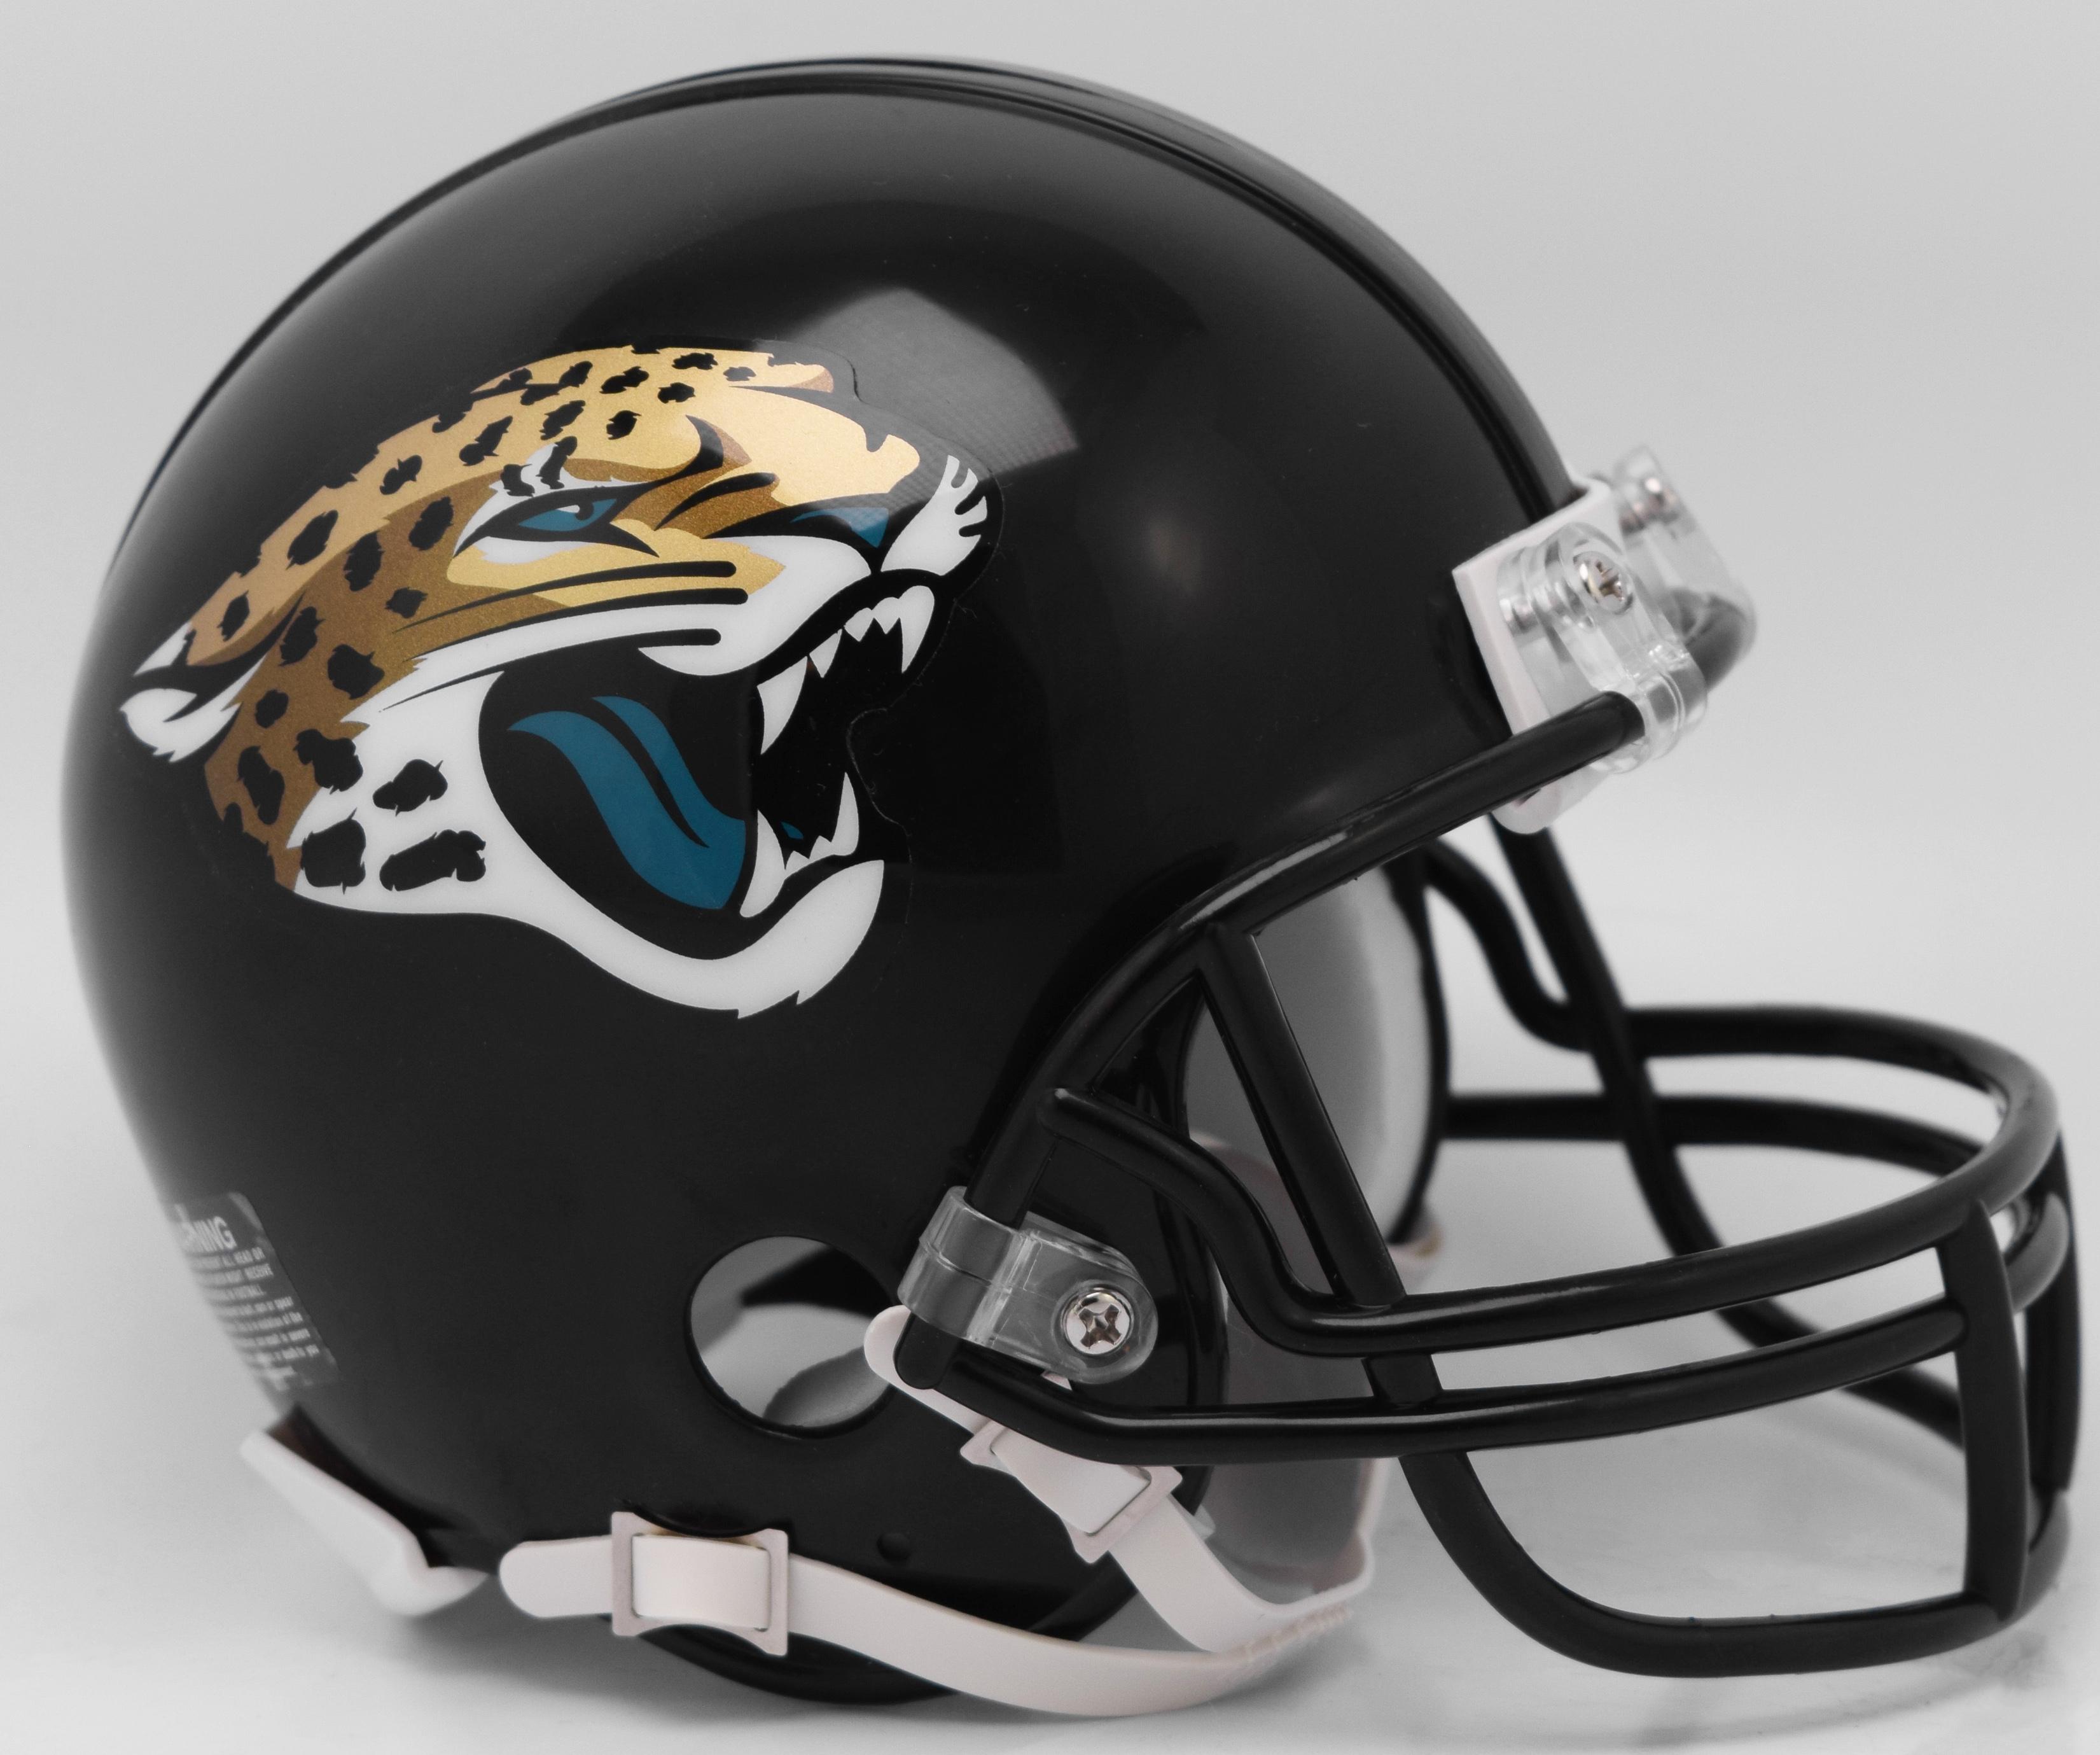 Jacksonville Jaguars NFL Mini Football Helmet <B>NEW 2018</B>